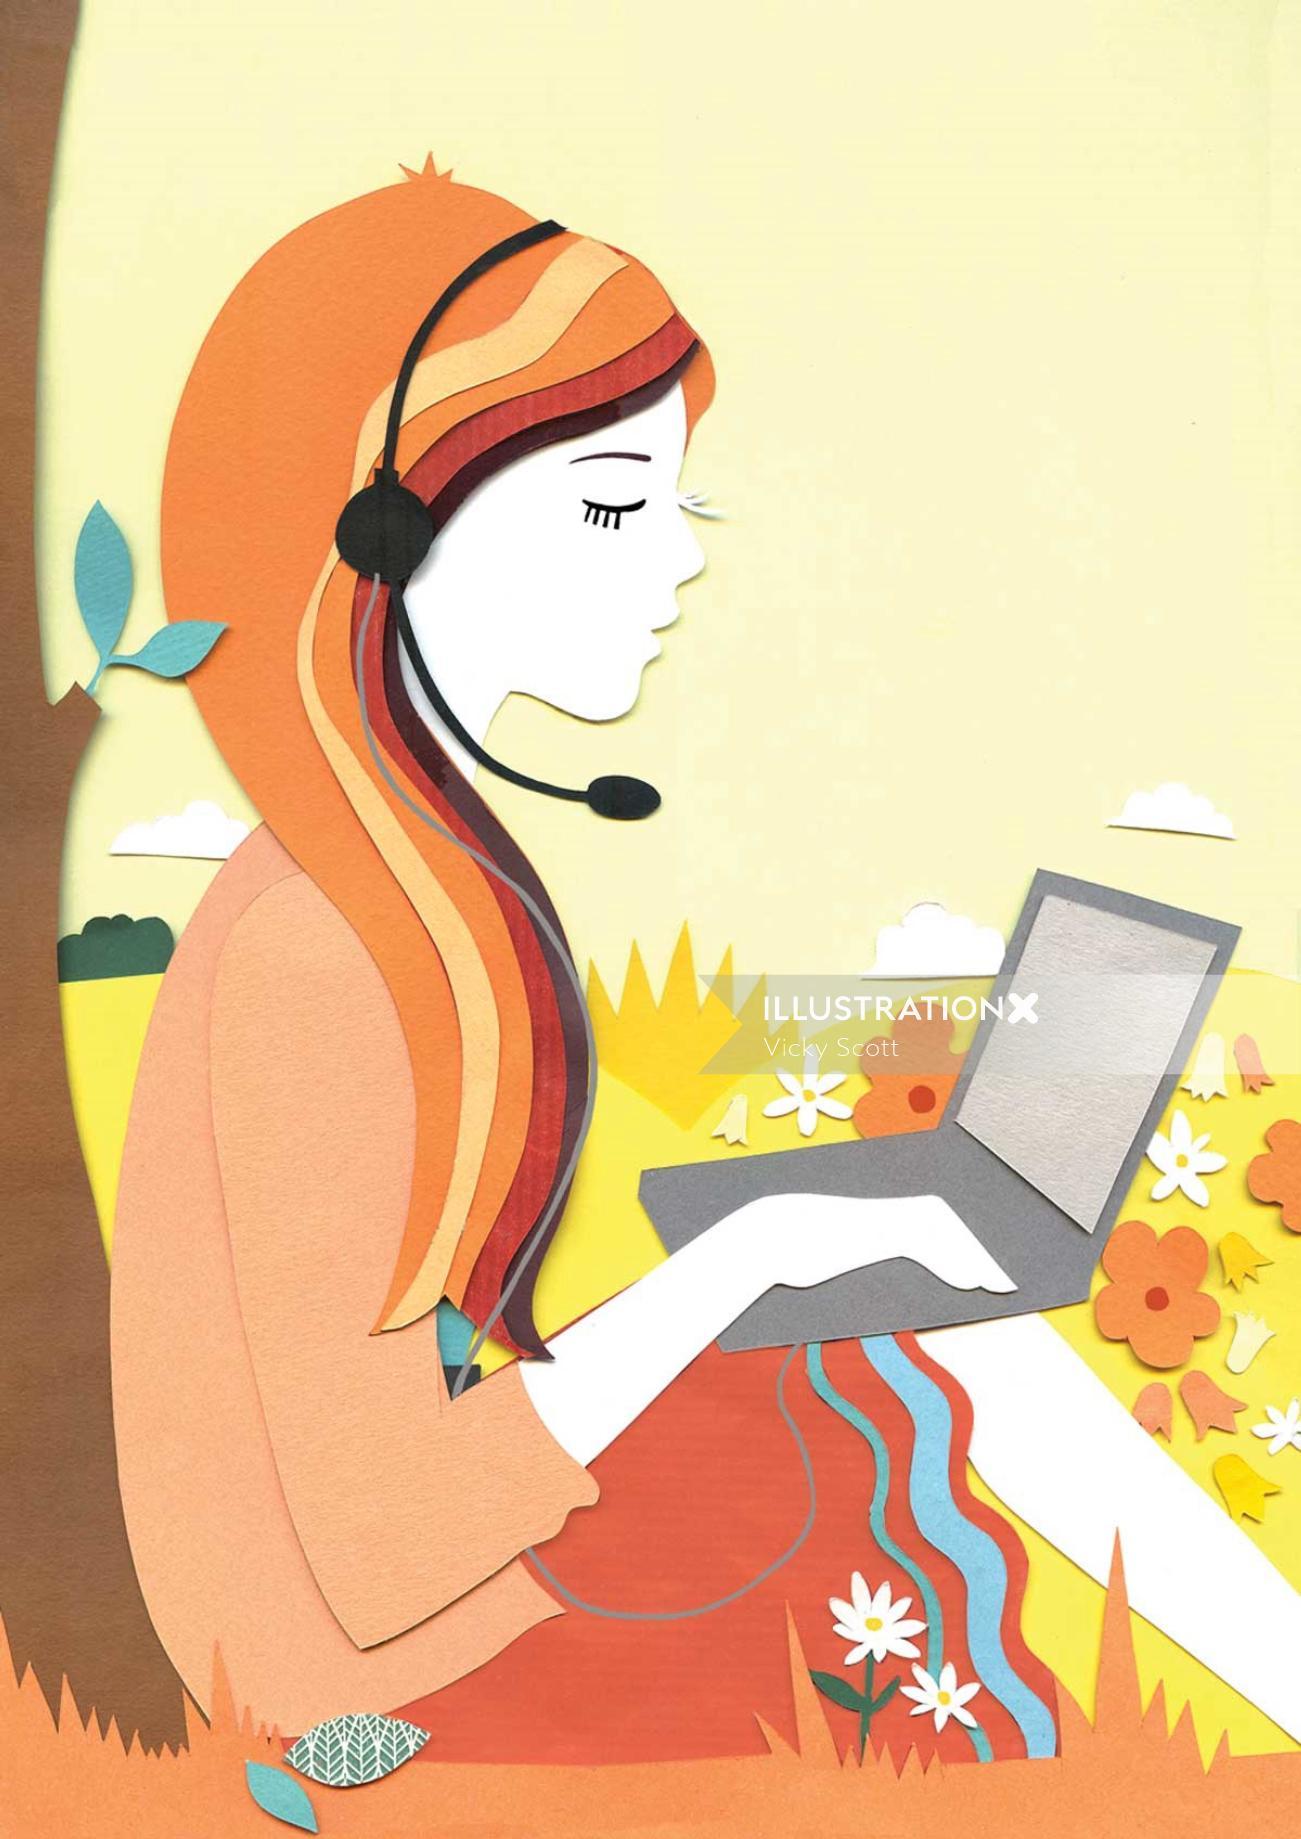 Girl with laptop illustration by Vicky Scott